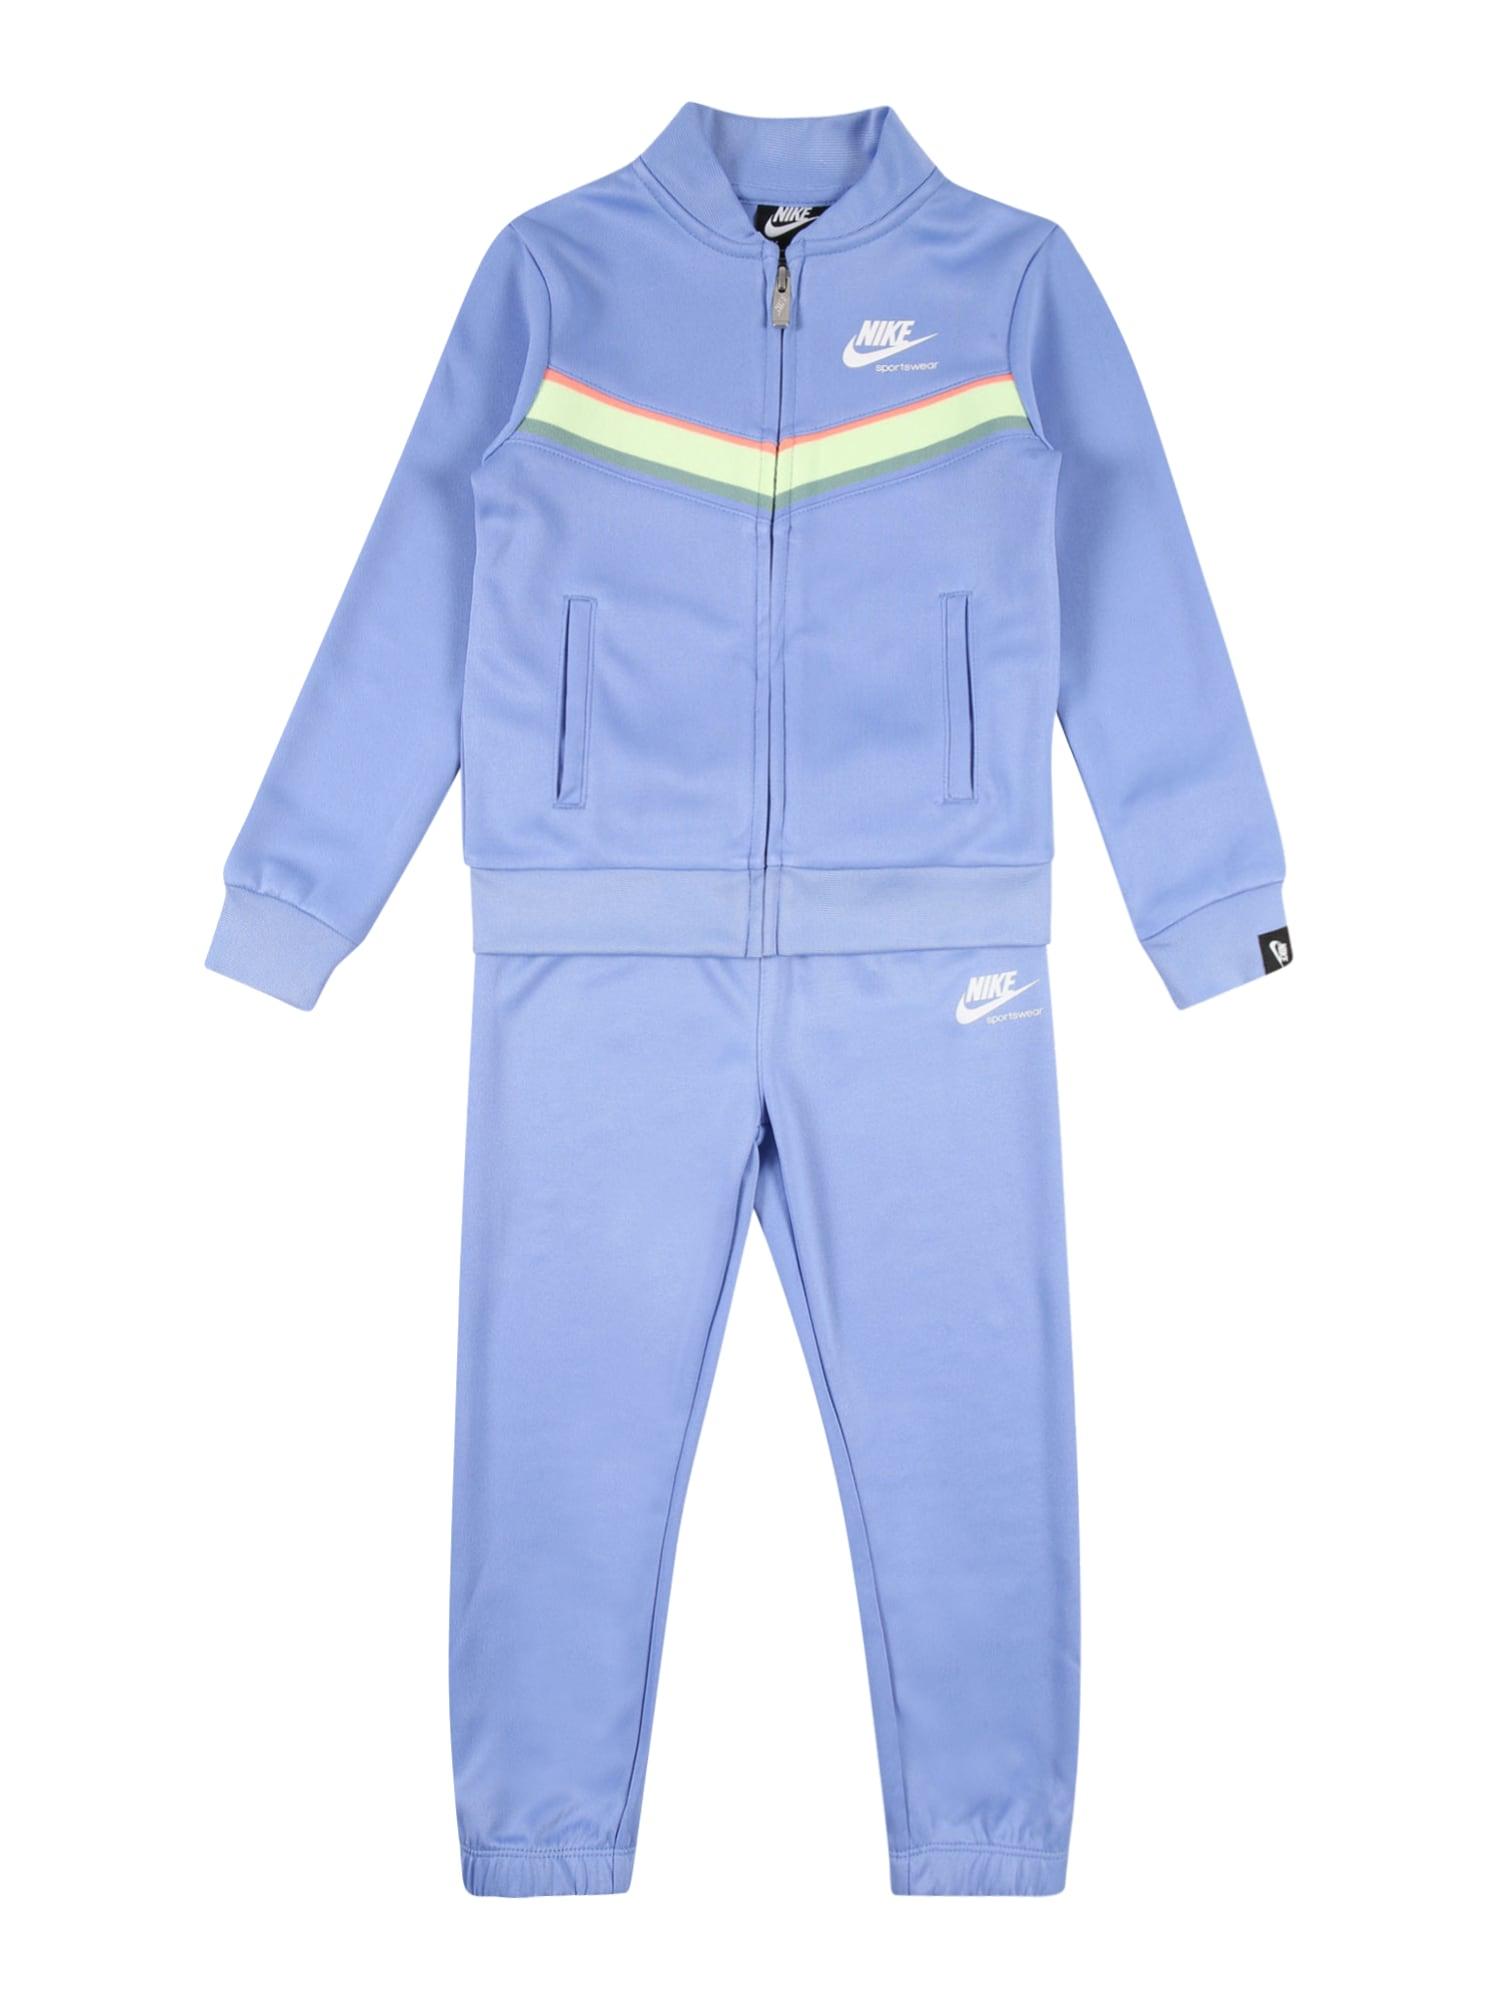 Nike Sportswear Treningas 'HERITAGE' mėlyna dūmų spalva / mėtų spalva / žolės žalia / koralų splava